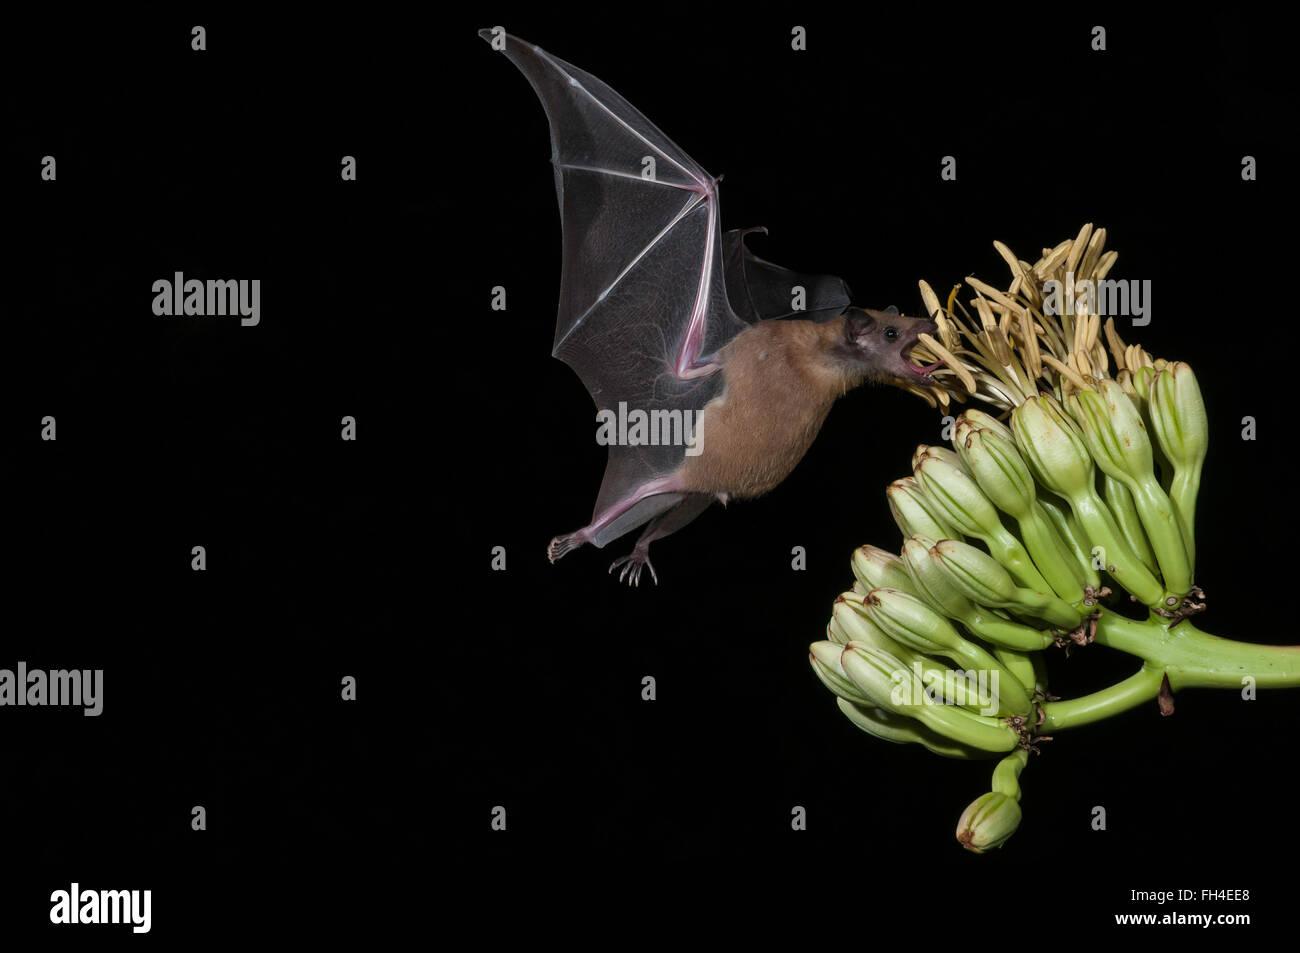 Minore a becco lungo, bat Leptonycteris yerbabuenae (curasoae), si nutrono di agave fiorisce, Green Valley, Arizona, Stati Uniti d'America Foto Stock